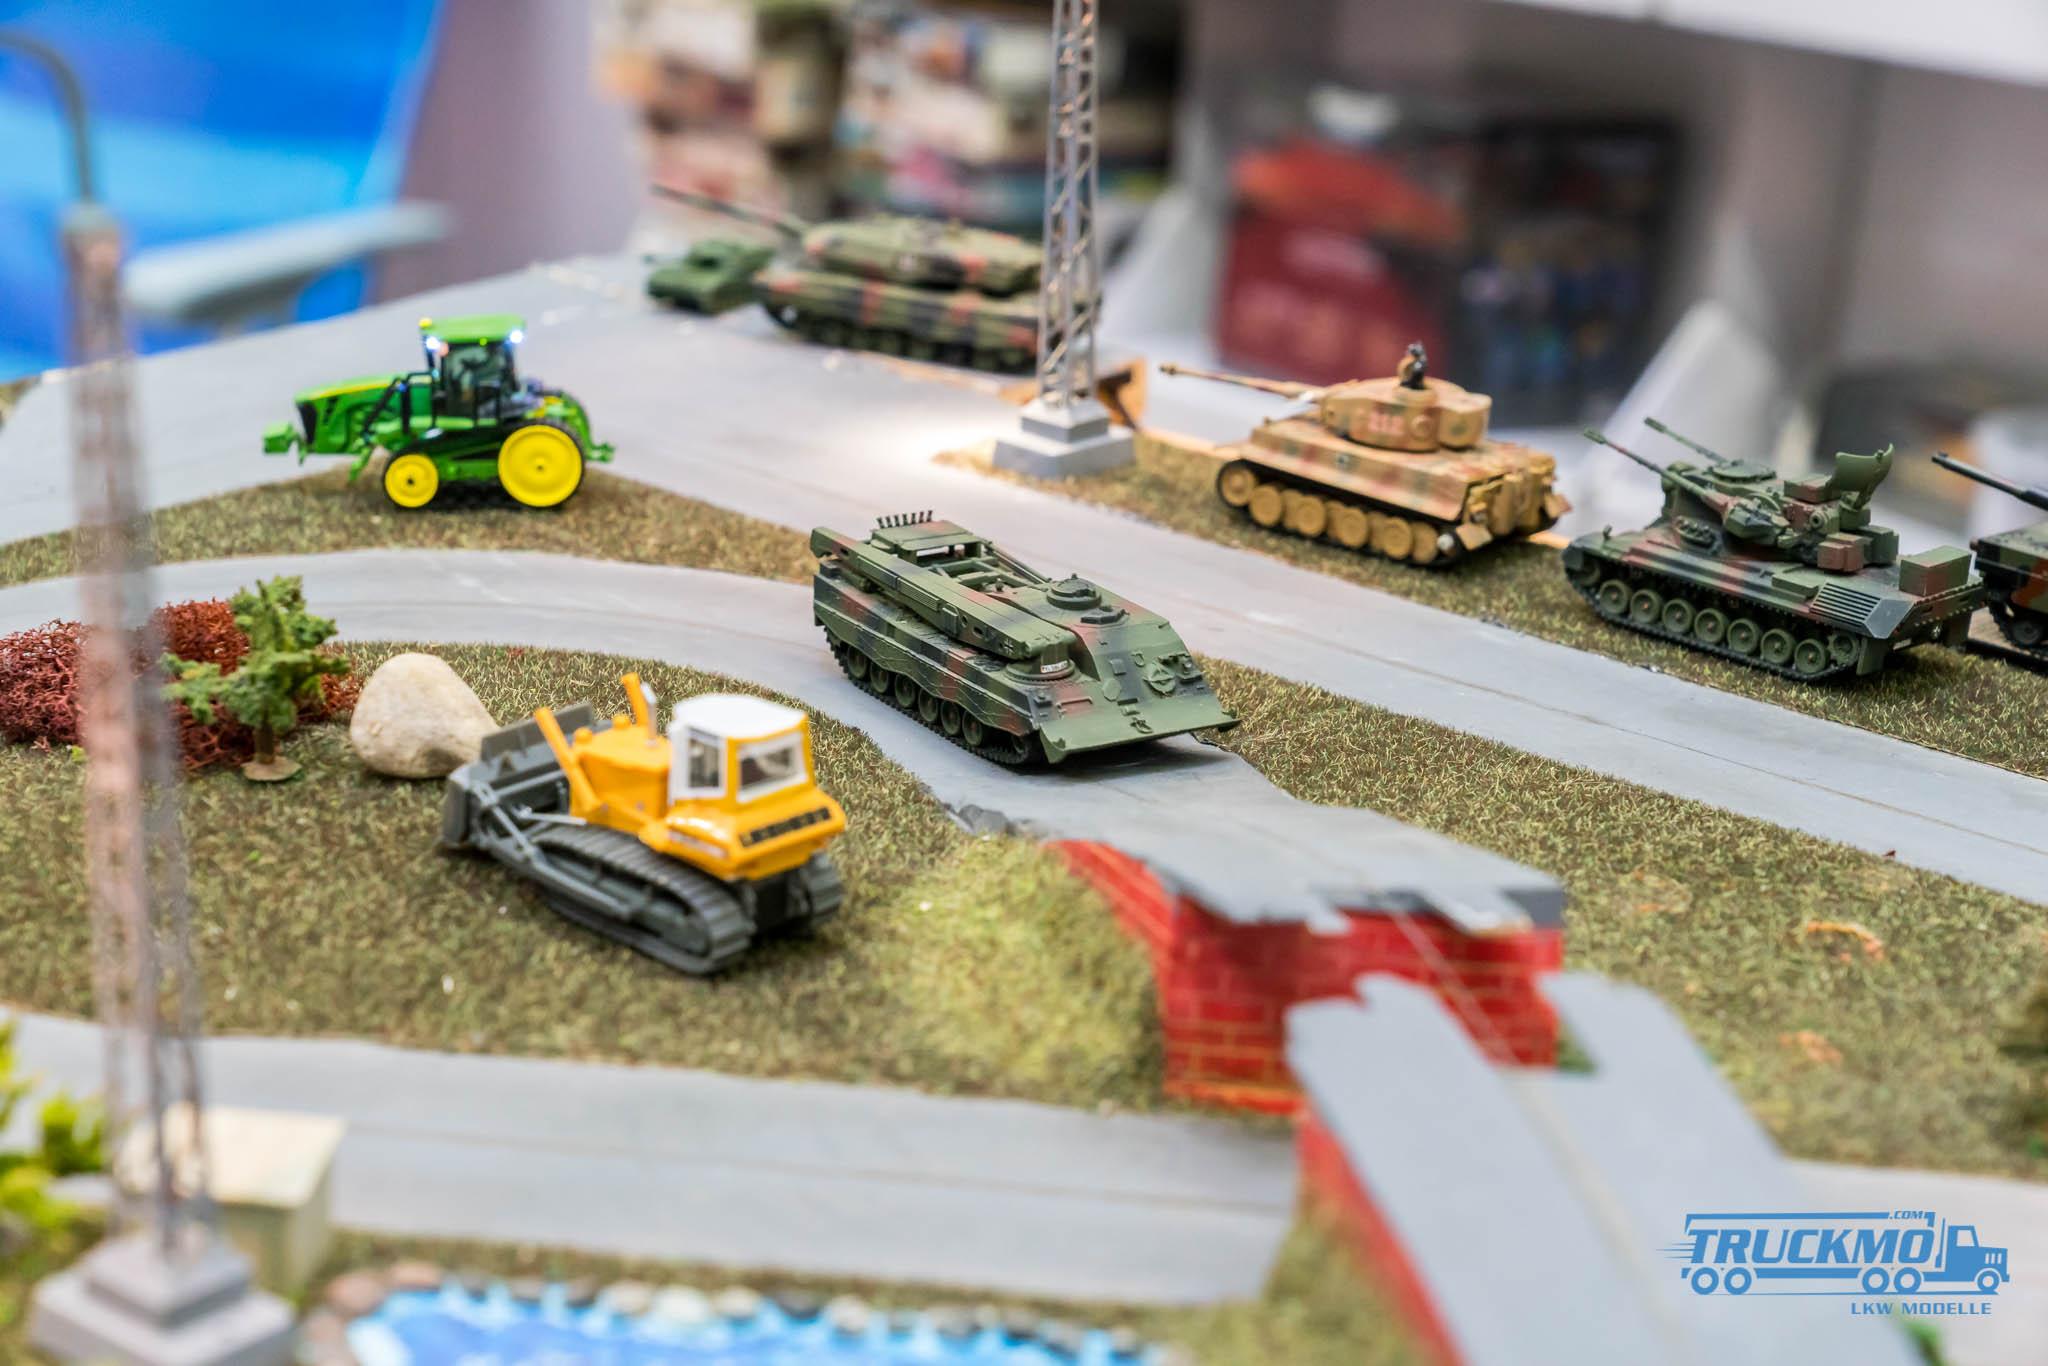 Truckmo_Modellbau_Ried_2017_Herpa_Messe_Modellbauausstellung (3 von 1177)